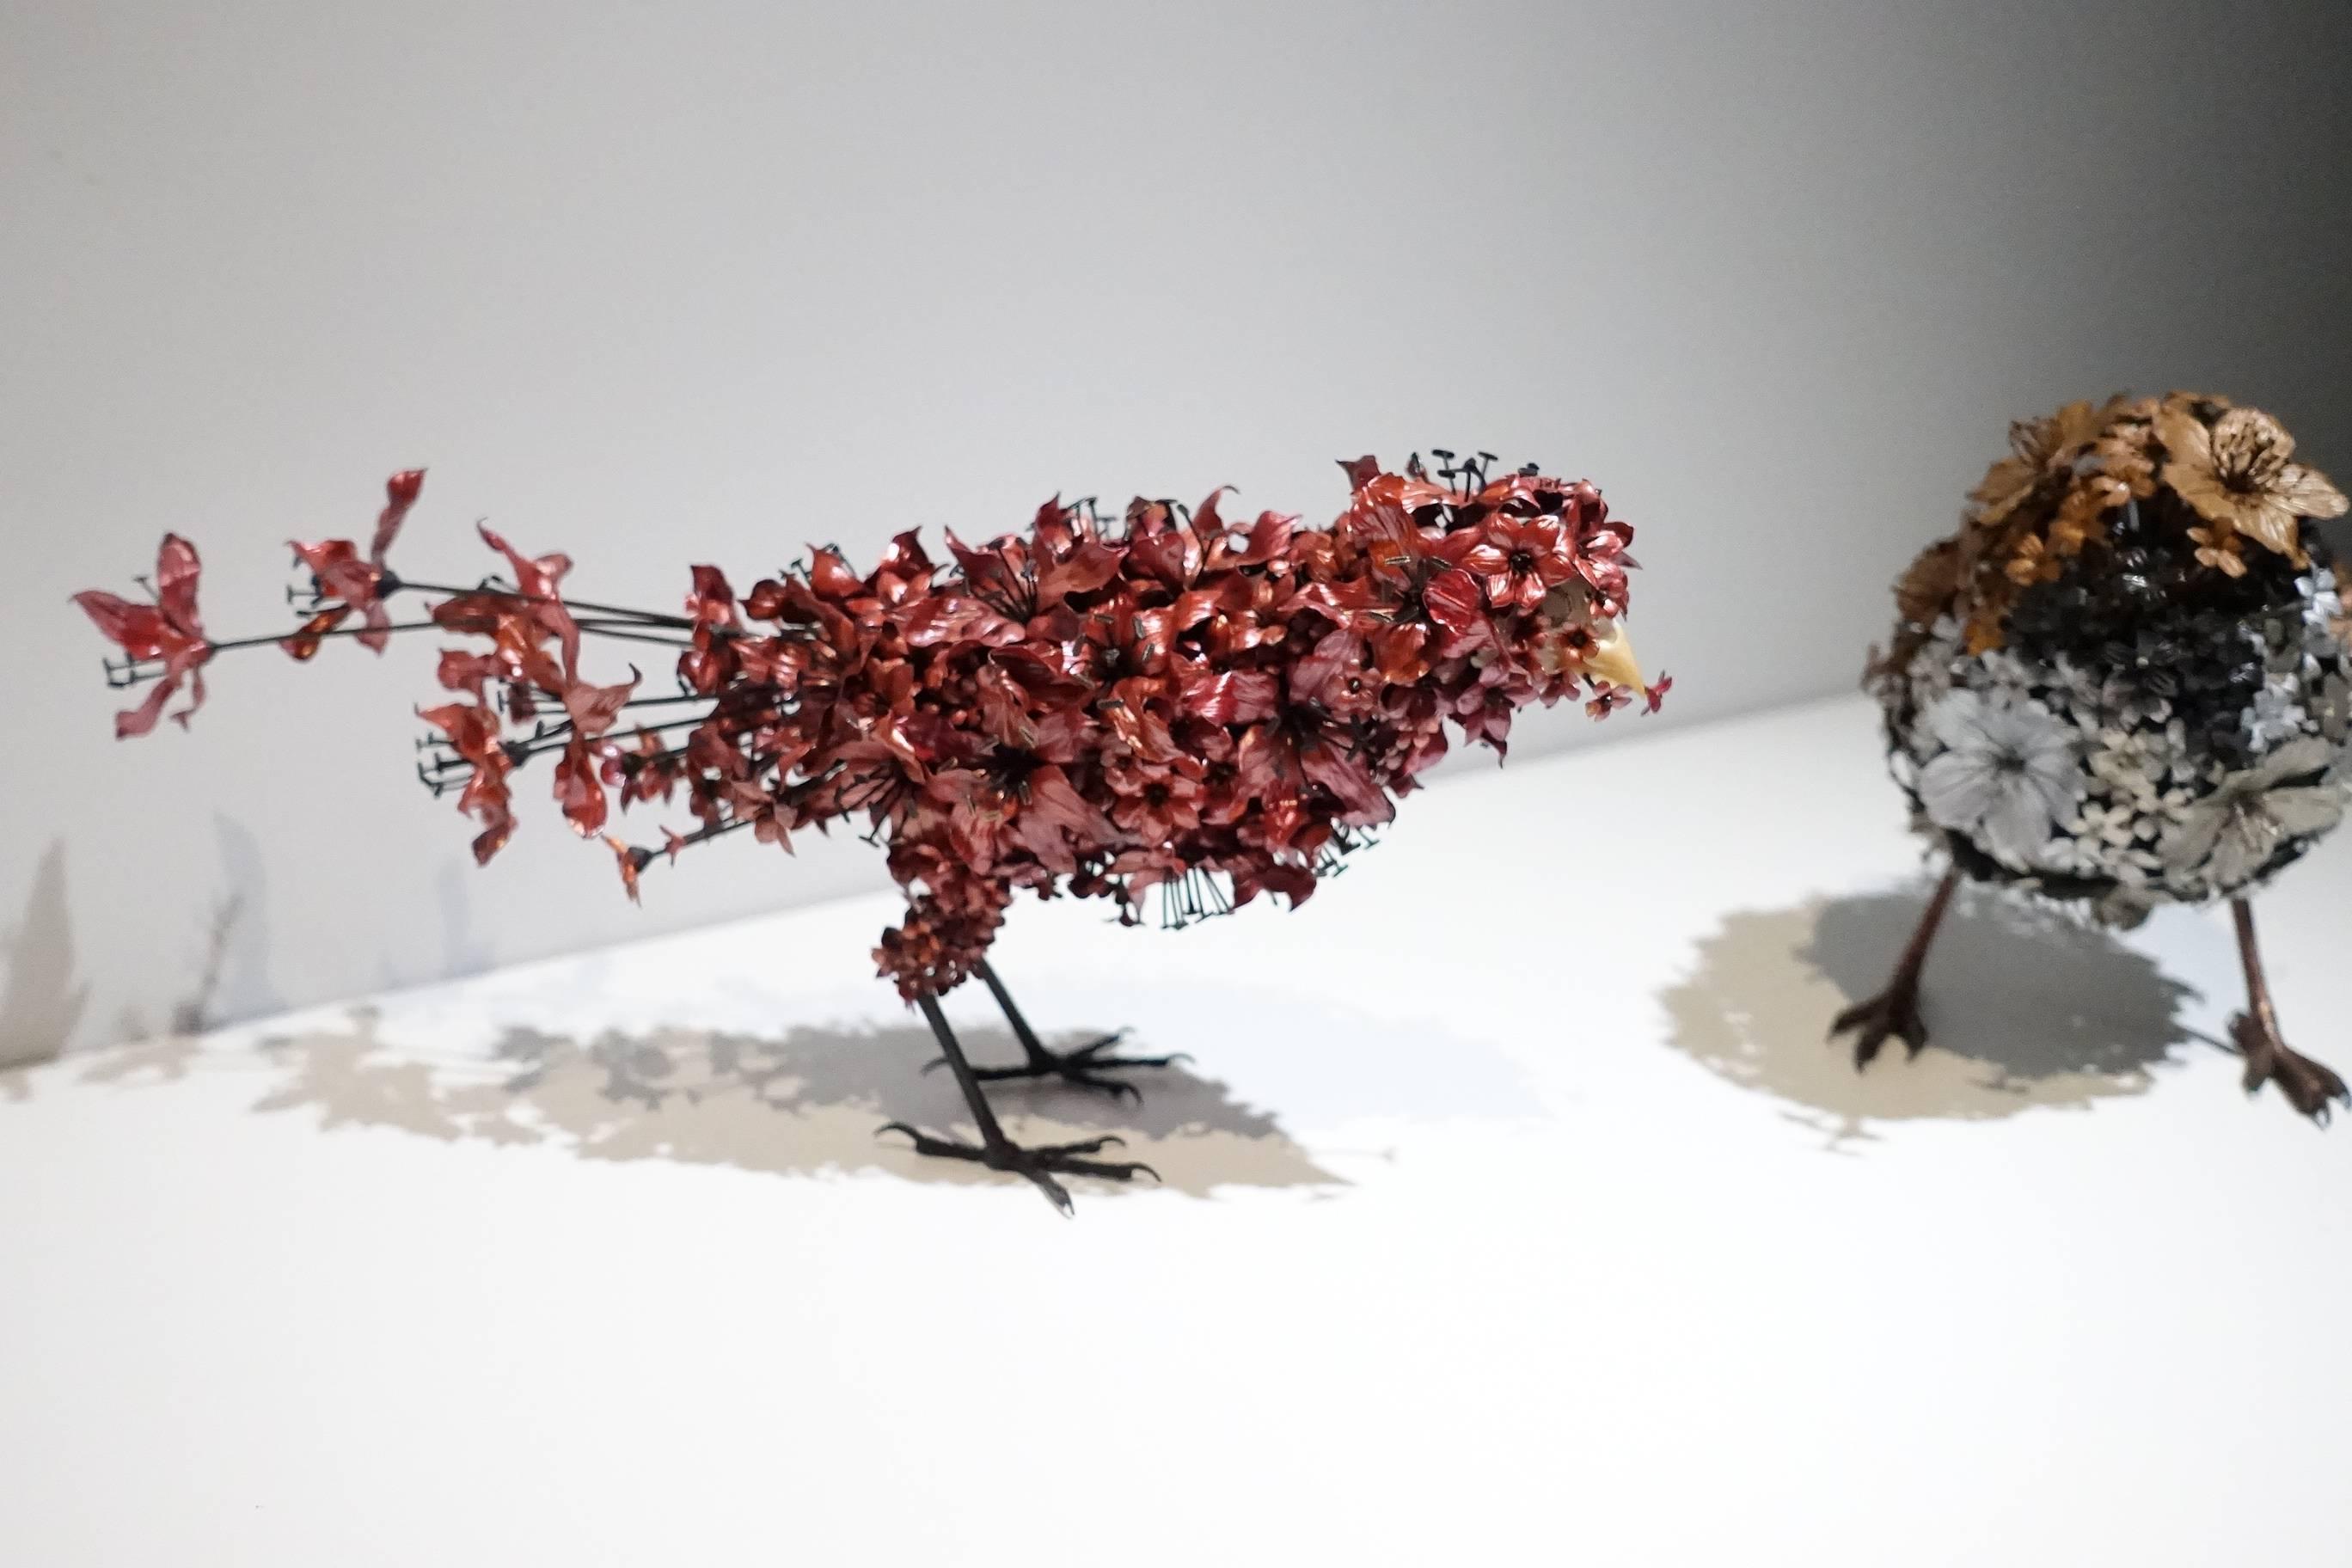 吉田泰一郎 (YOSHIDA Taiichiro)作品《火鳥》。